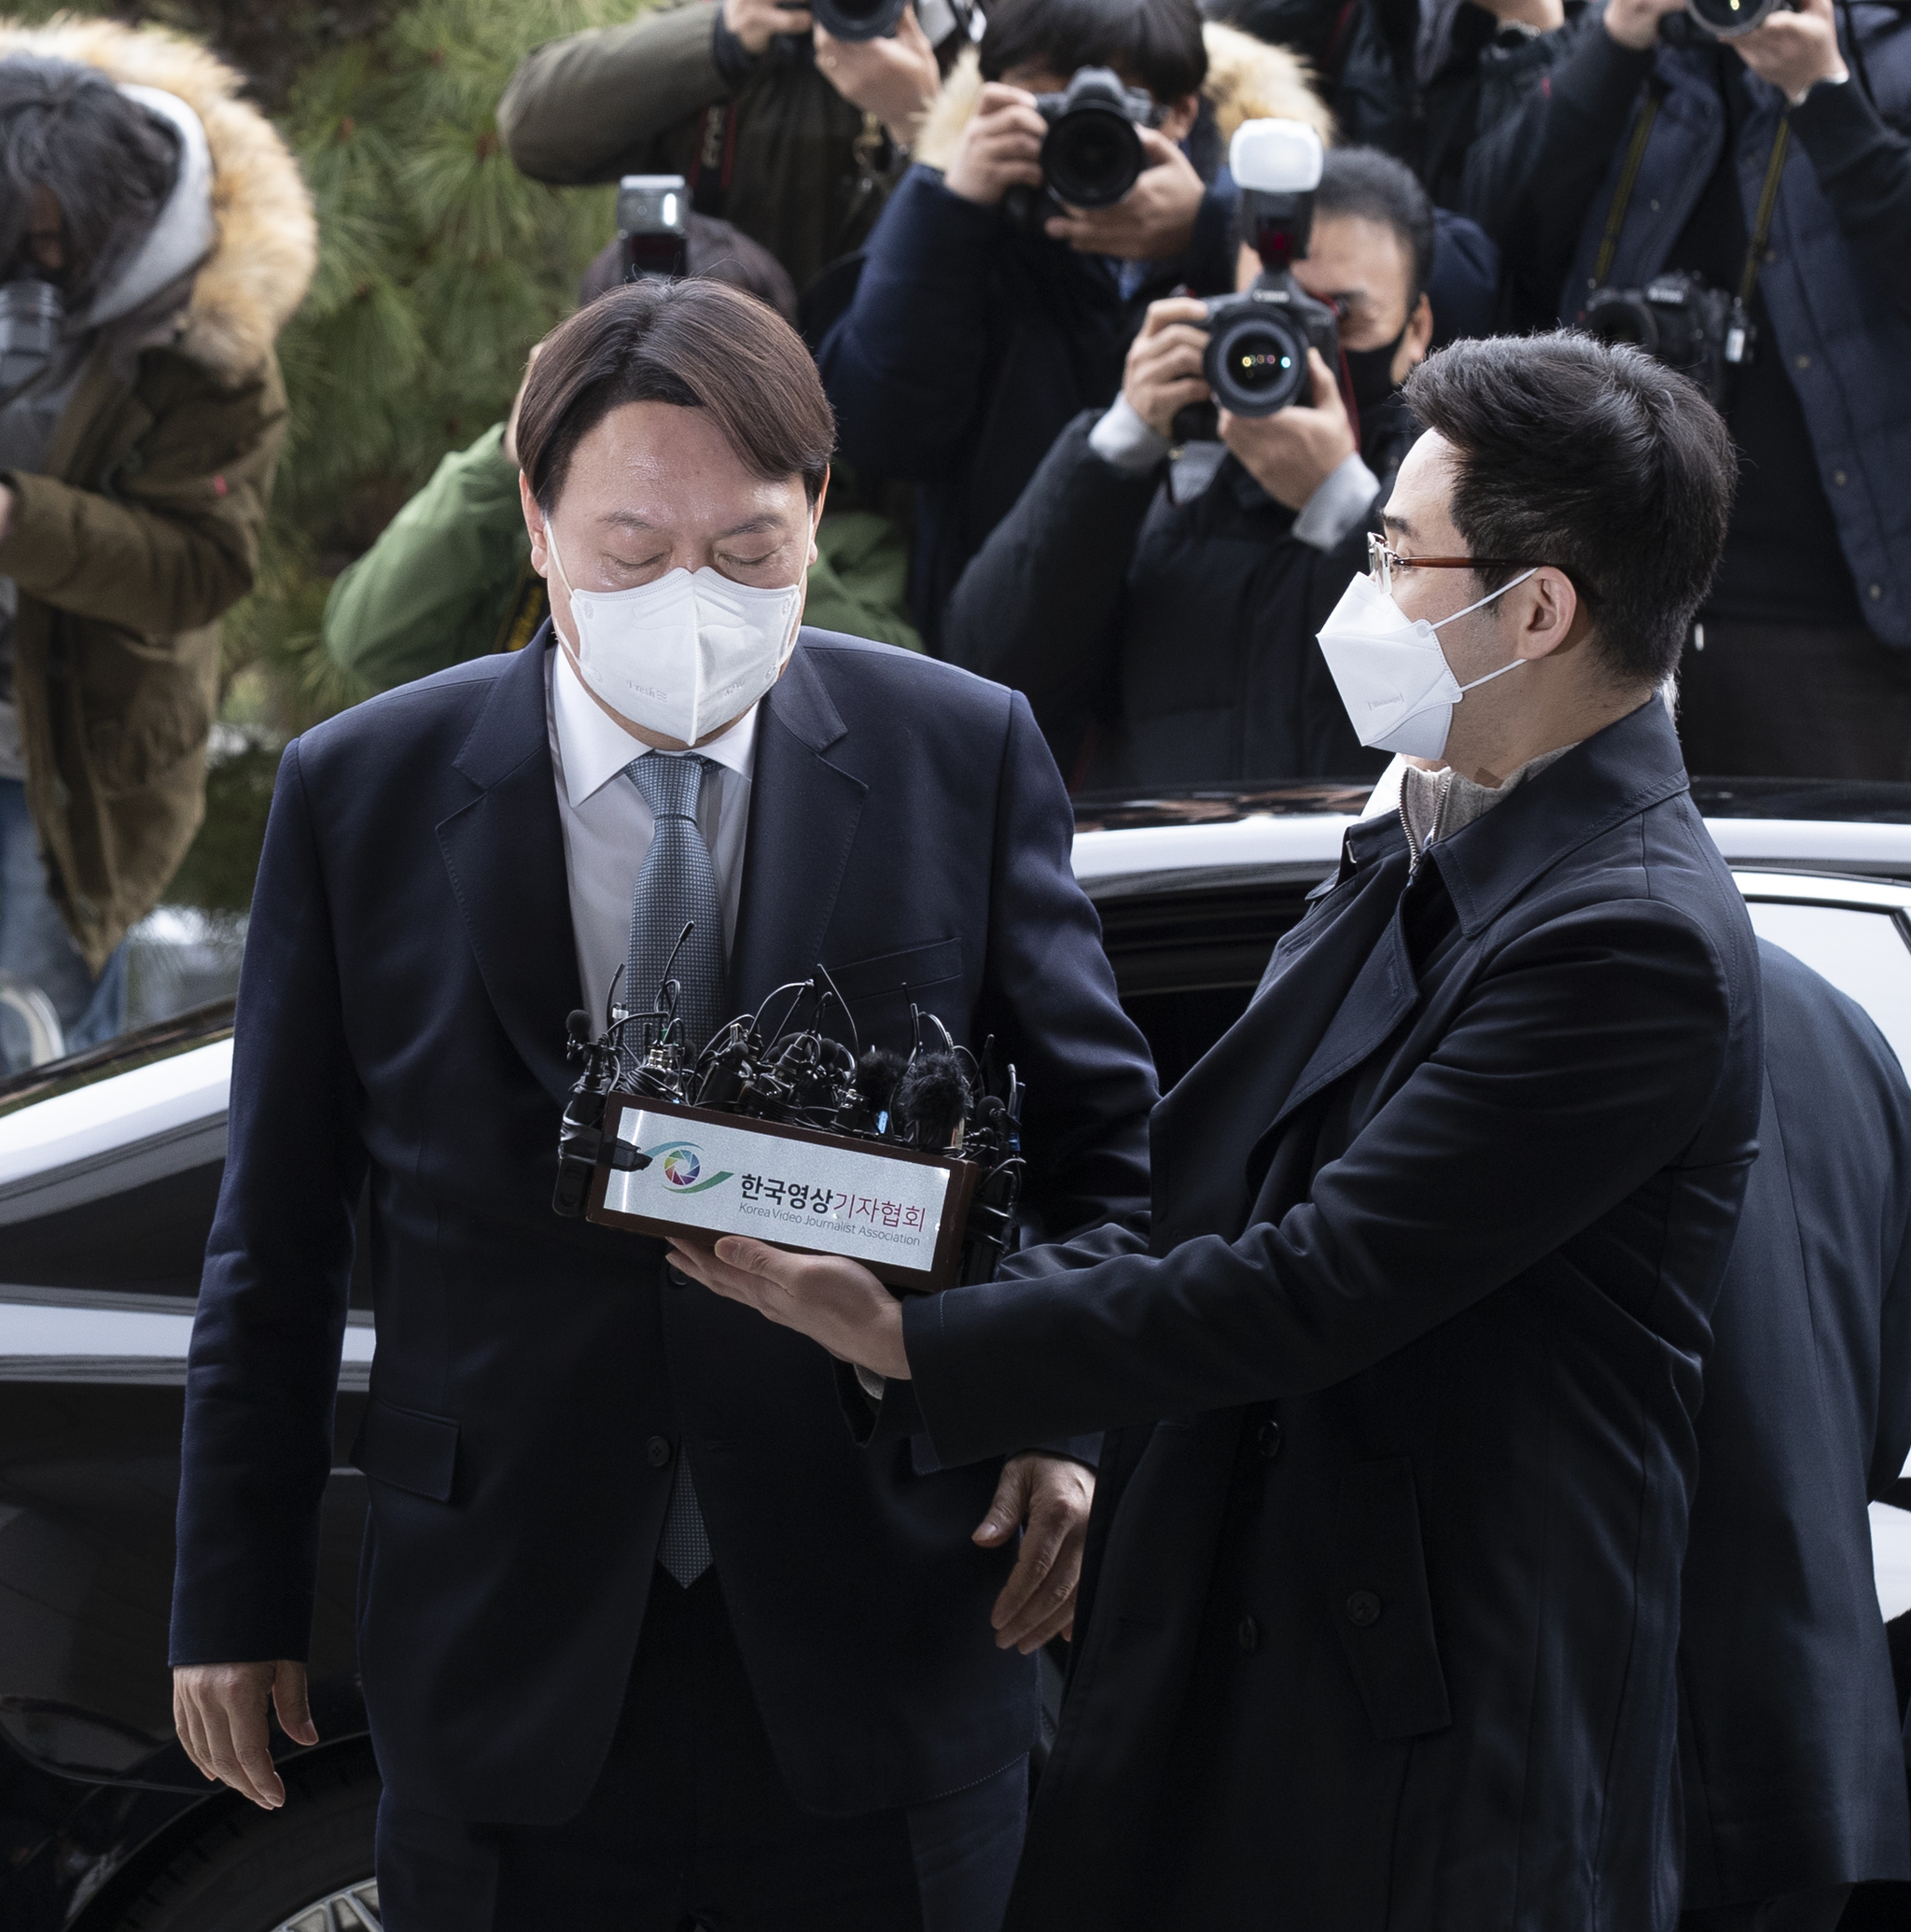 윤석열 검찰총장이 4일 오후 서울 서초동 대검찰청에서 입장을 밝히기 전 잠시 눈을 감고 있다. 임현동 기자